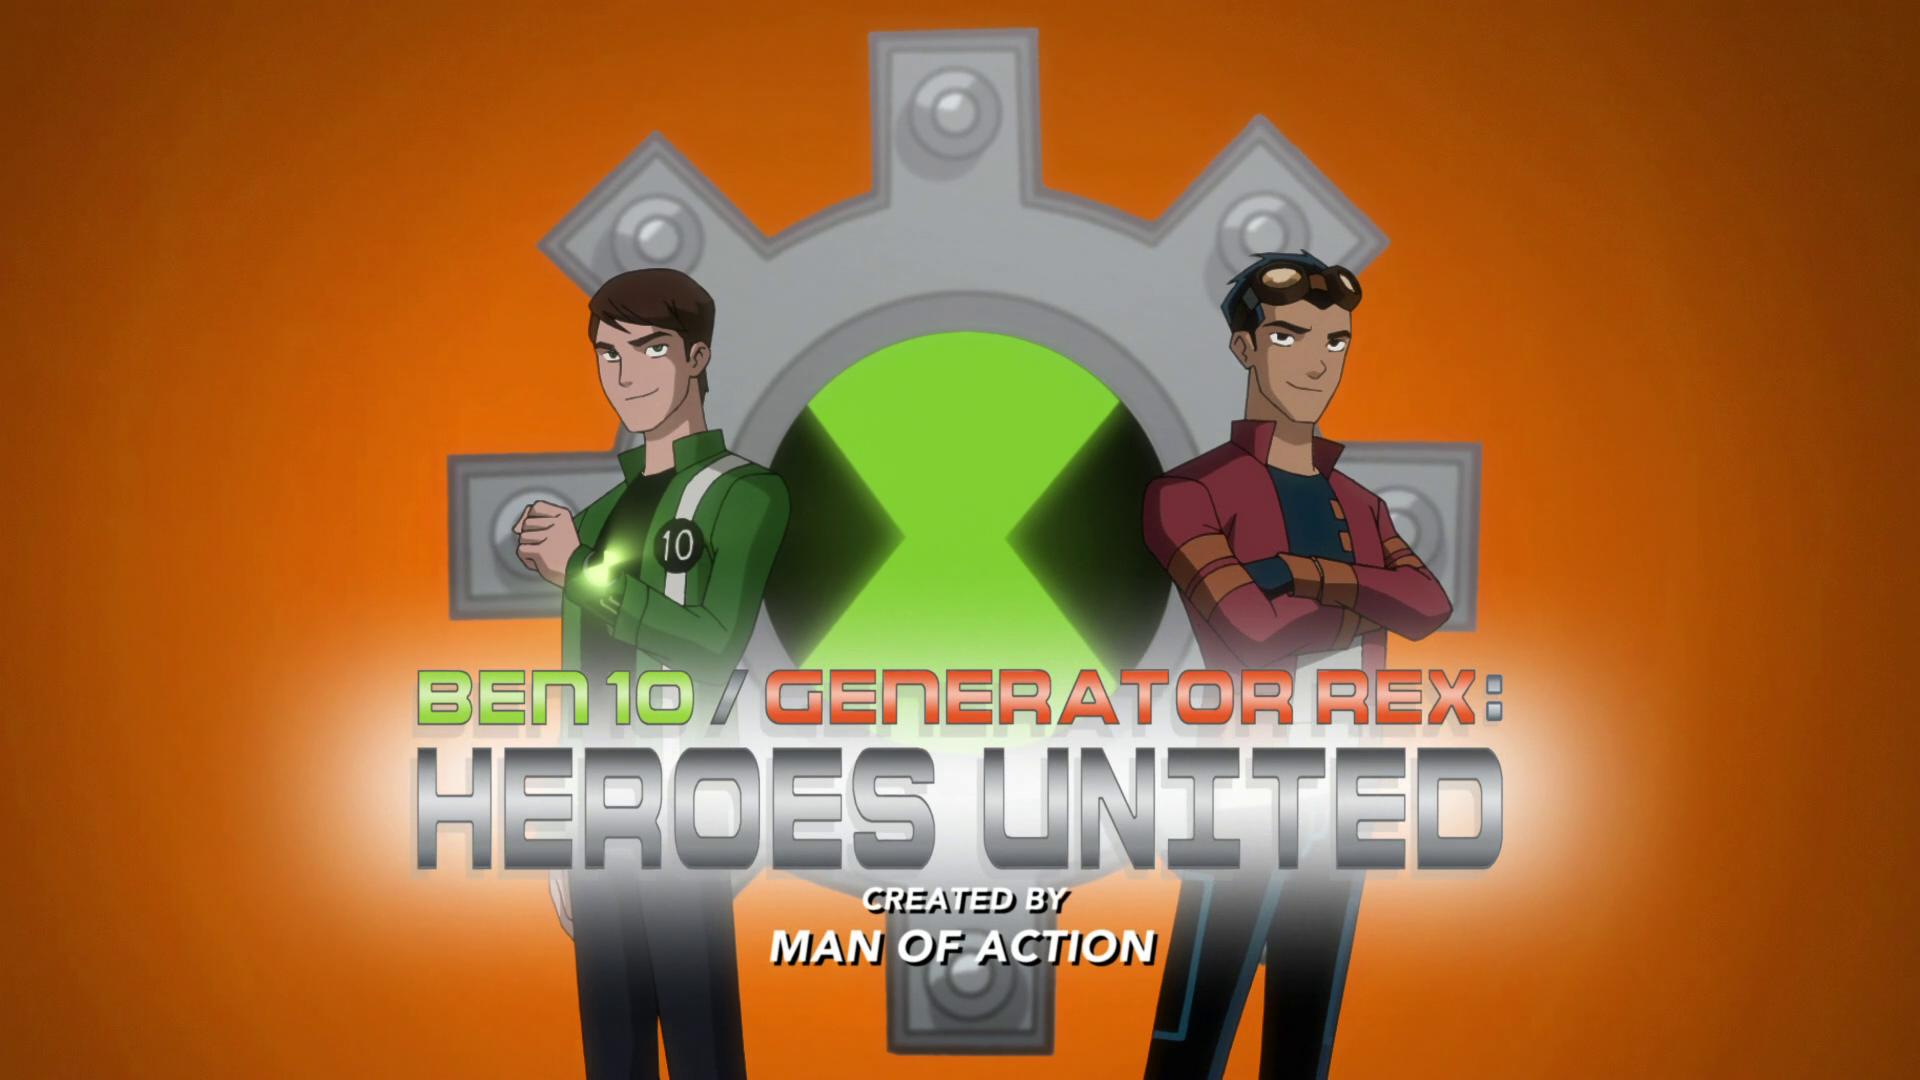 Ben 10-Generator Rex: Heroes United